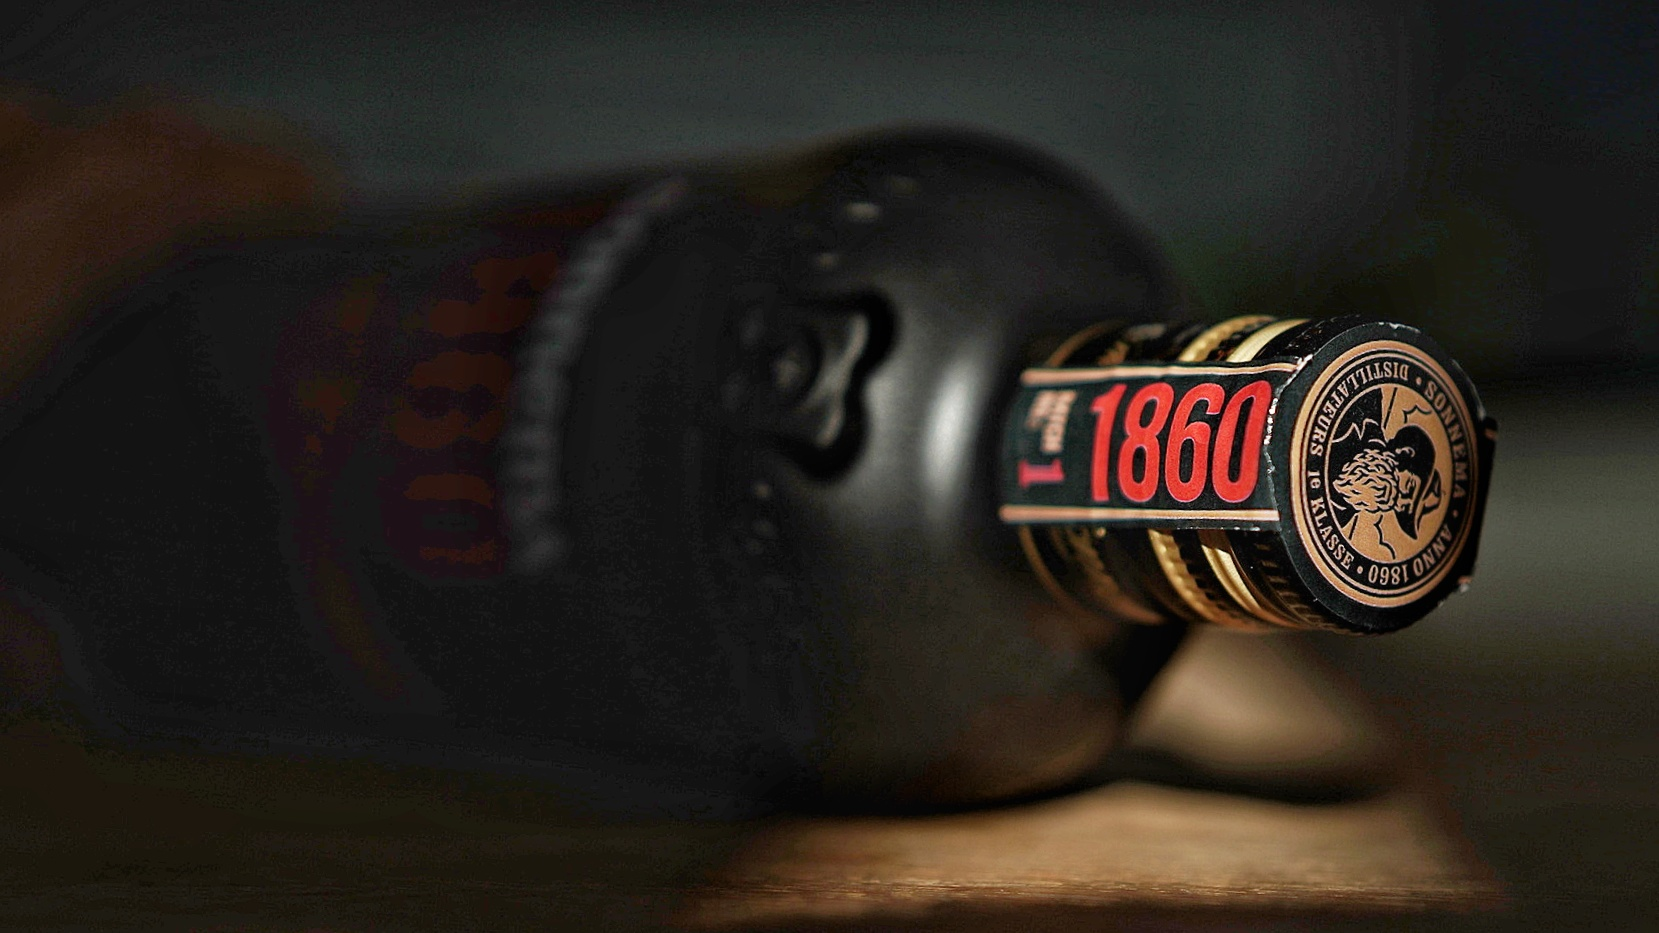 De speciale editie van Sonnema 1860 is verpakt in een fraaie fles